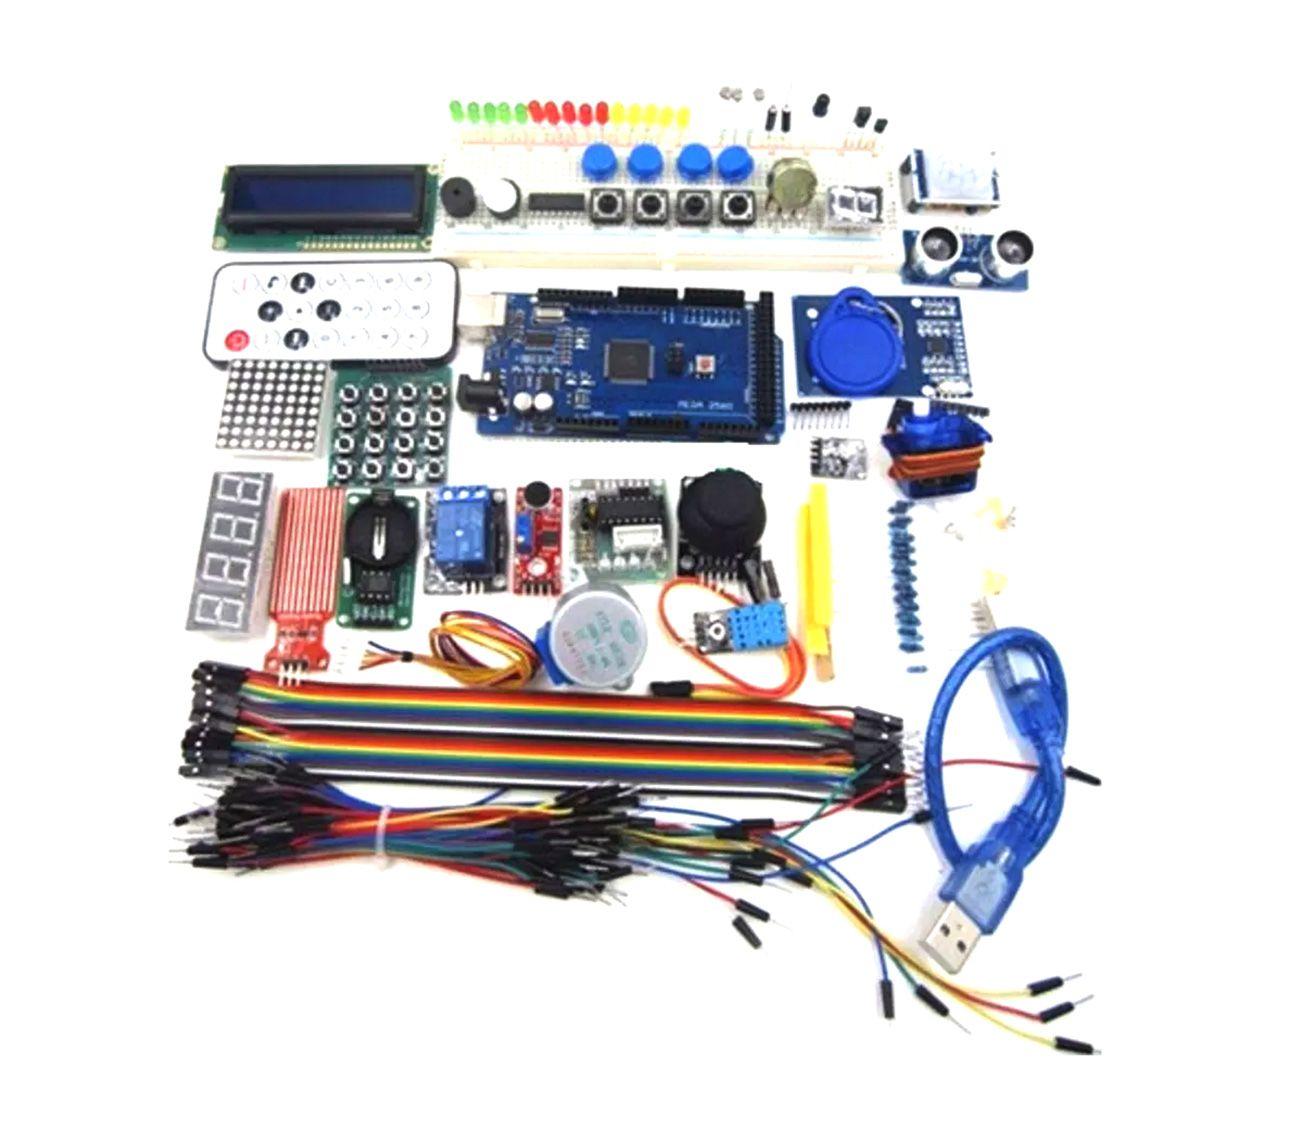 Mega Kit com Placa Mega, Protoboard 830 furos, Kit RFID e mais de 200 peças